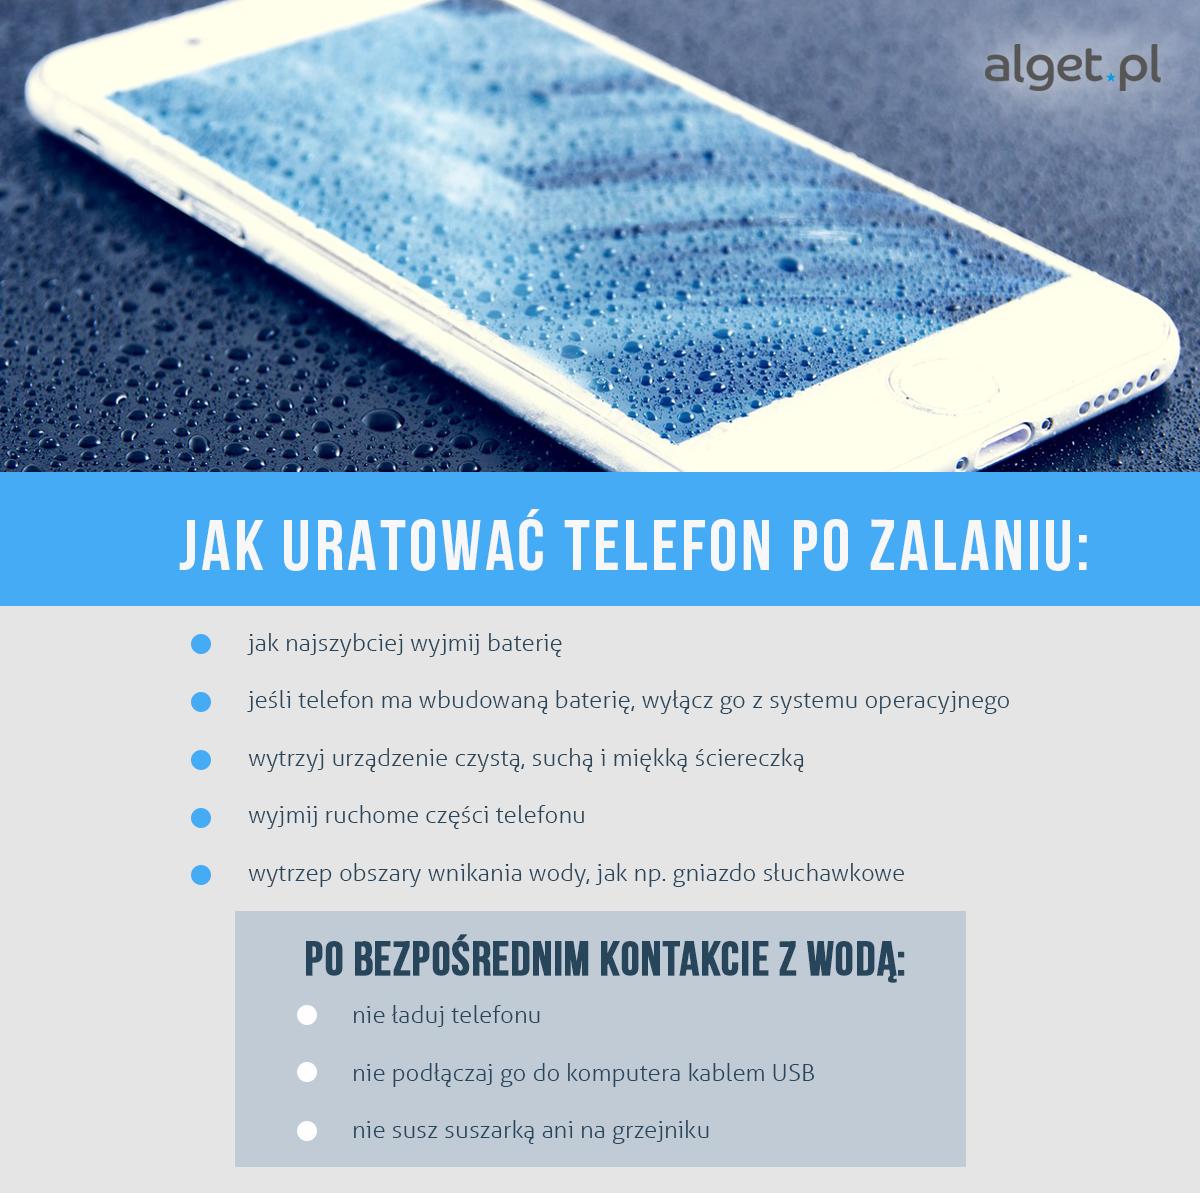 Jak uratować telefon po zalaniu